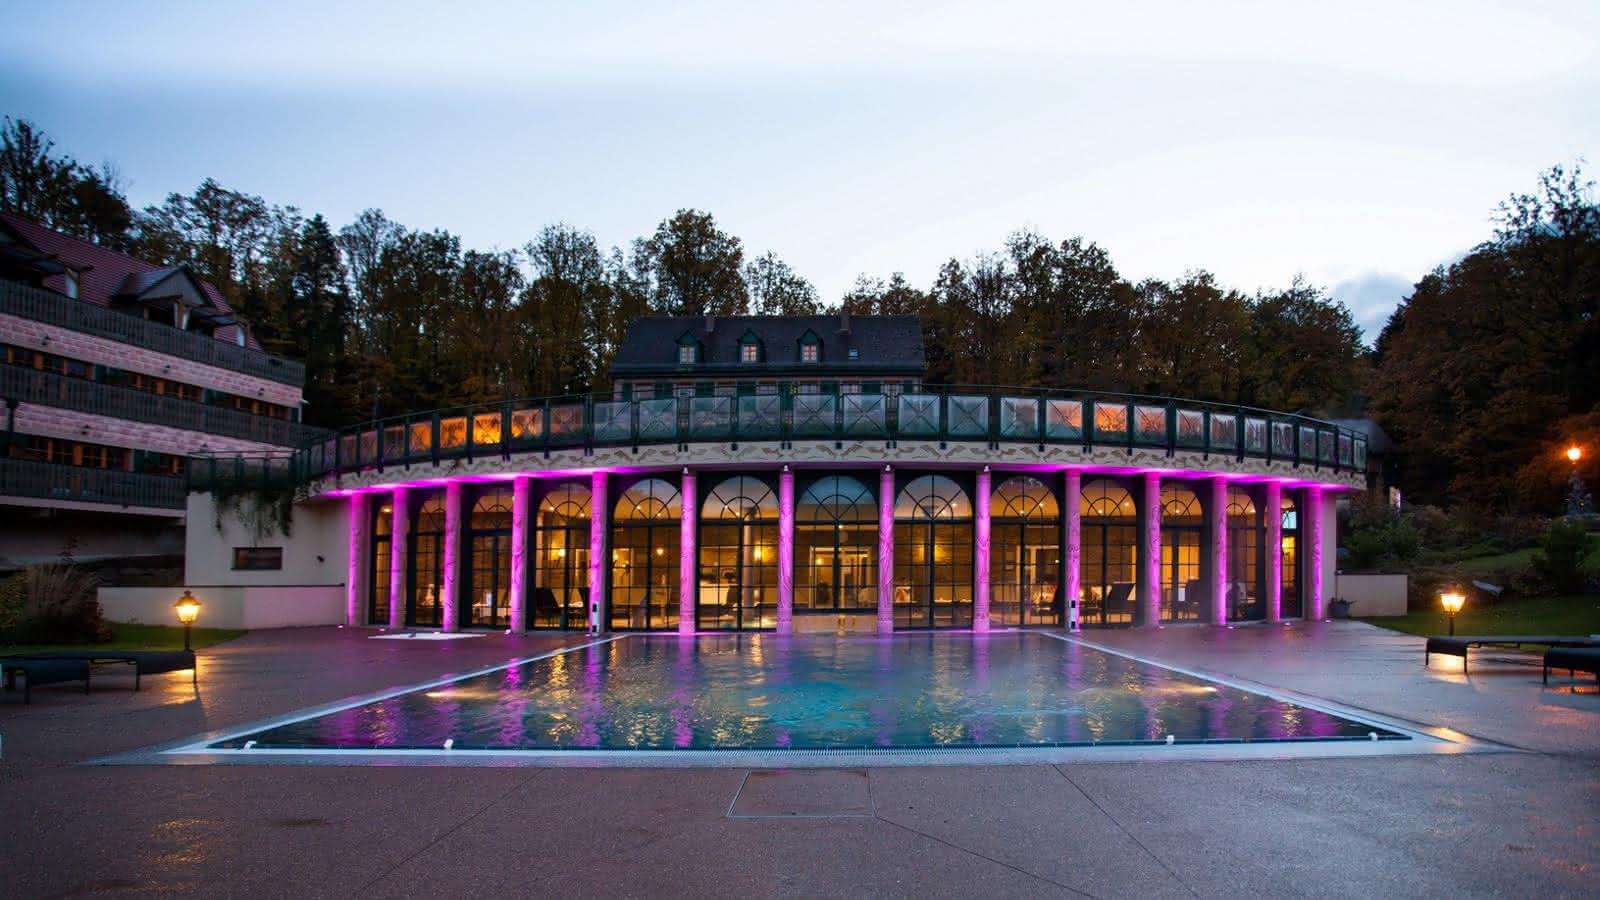 Piscines Es & Spas hôtel & spa les violettes - soultz haut rhin   visit alsace